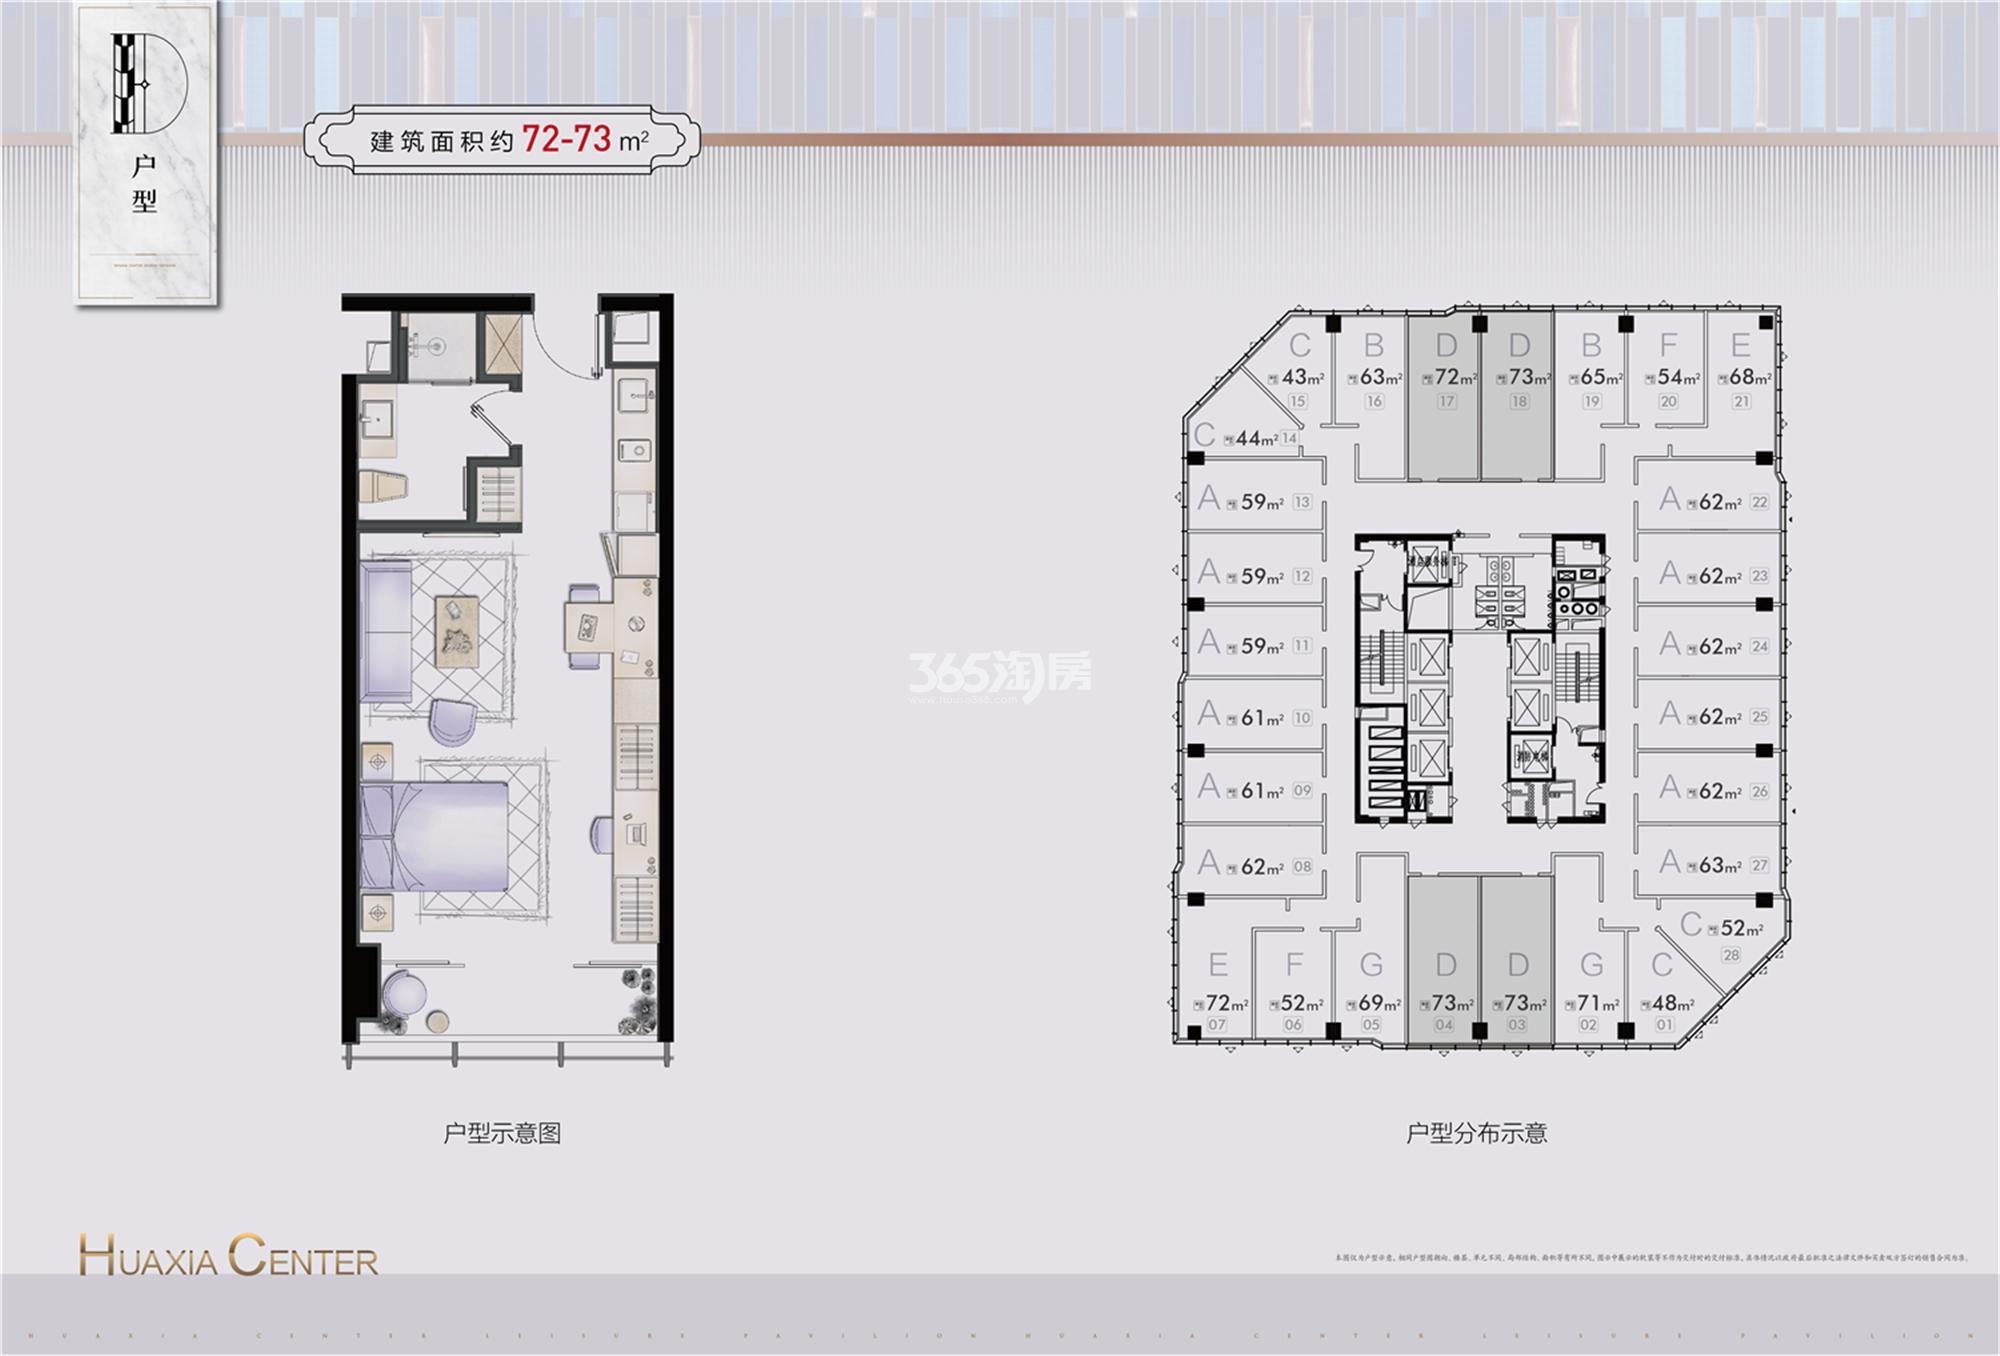 华夏之心公寓D户型 约72-73㎡